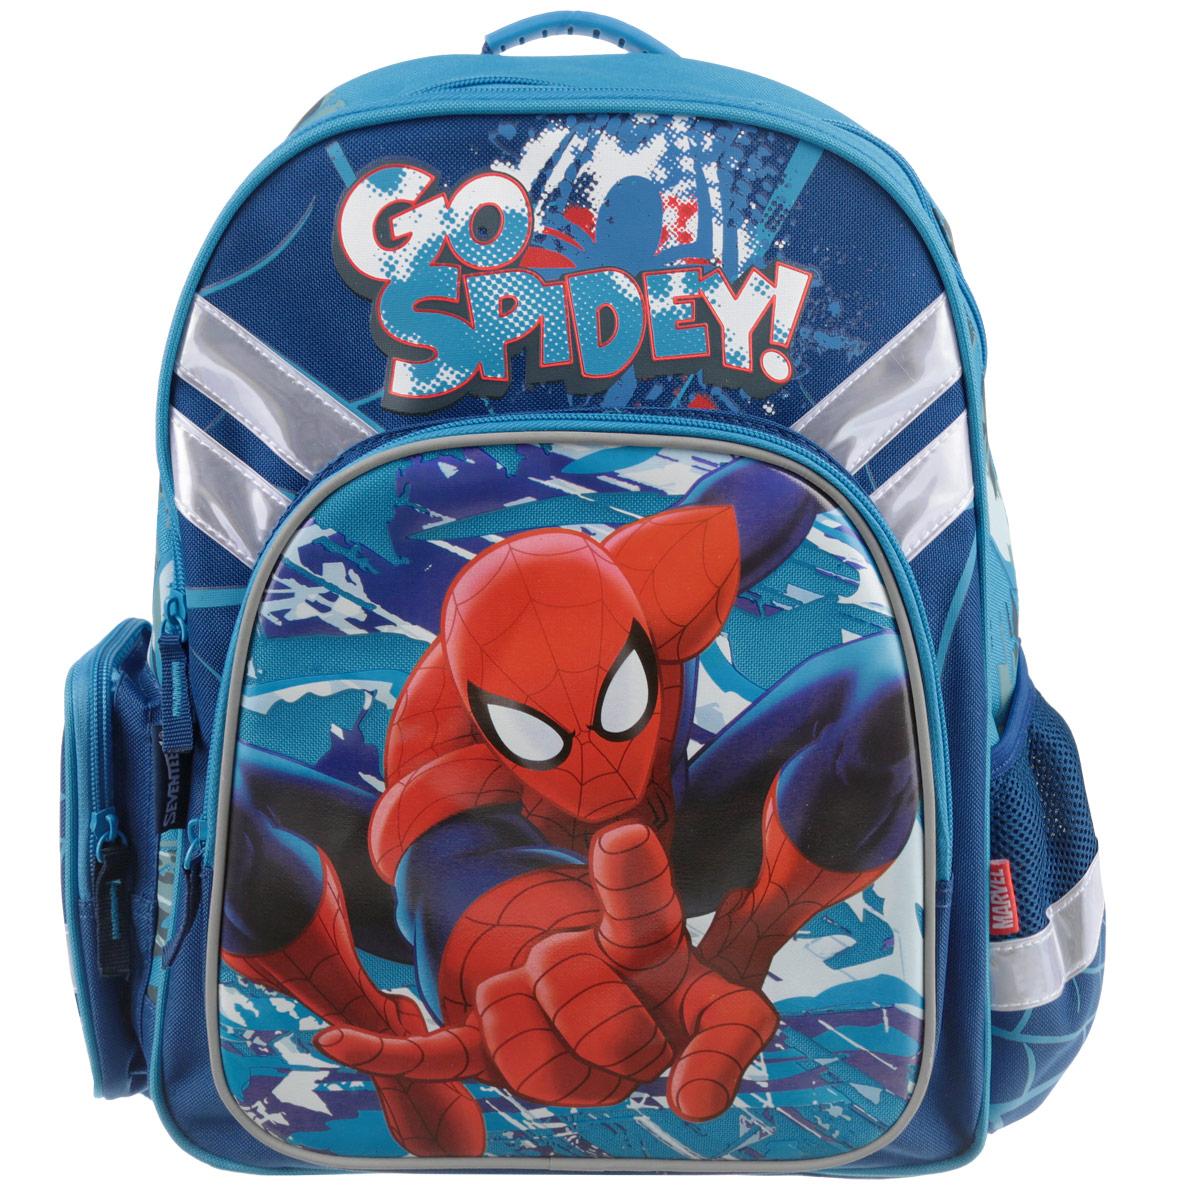 Набор школьника Spider-man Classic. SMCS-UT1-51BOXSMCS-UT1-51BOXВашему вниманию предлагается все самое необходимое для школьника в одном наборе. Состав: рюкзак, пенал, фартук, сумка-рюкзак для обуви, кошелек, выполненные в одном стиле. Школьный ранец выполнен из износоустойчивых материалов с водонепроницаемой основой, декорирован аппликацией и рисунками в тематике Человека-Паука. Ранец имеет два основных отделения, закрывающиеся на молнию. Внутри главного отделения расположены два разделителя, для тетрадей и учебников. На лицевой стороне ранца расположен накладной карман на молнии. По бокам ранца размещены два дополнительных накладных кармана, один открытый на резинке и один на застежке-молнии. Ортопедическая спинка, созданная по специальной технологии из дышащего материала, равномерно распределяет нагрузку на плечевые суставы и спину. Удлиненные держатели облегчают фиксацию длины ремней с мягкими подкладками. Ранец оснащен удобной ручкой для переноски и двумя широкими лямками, регулируемой длины. Пенал мягкий с...